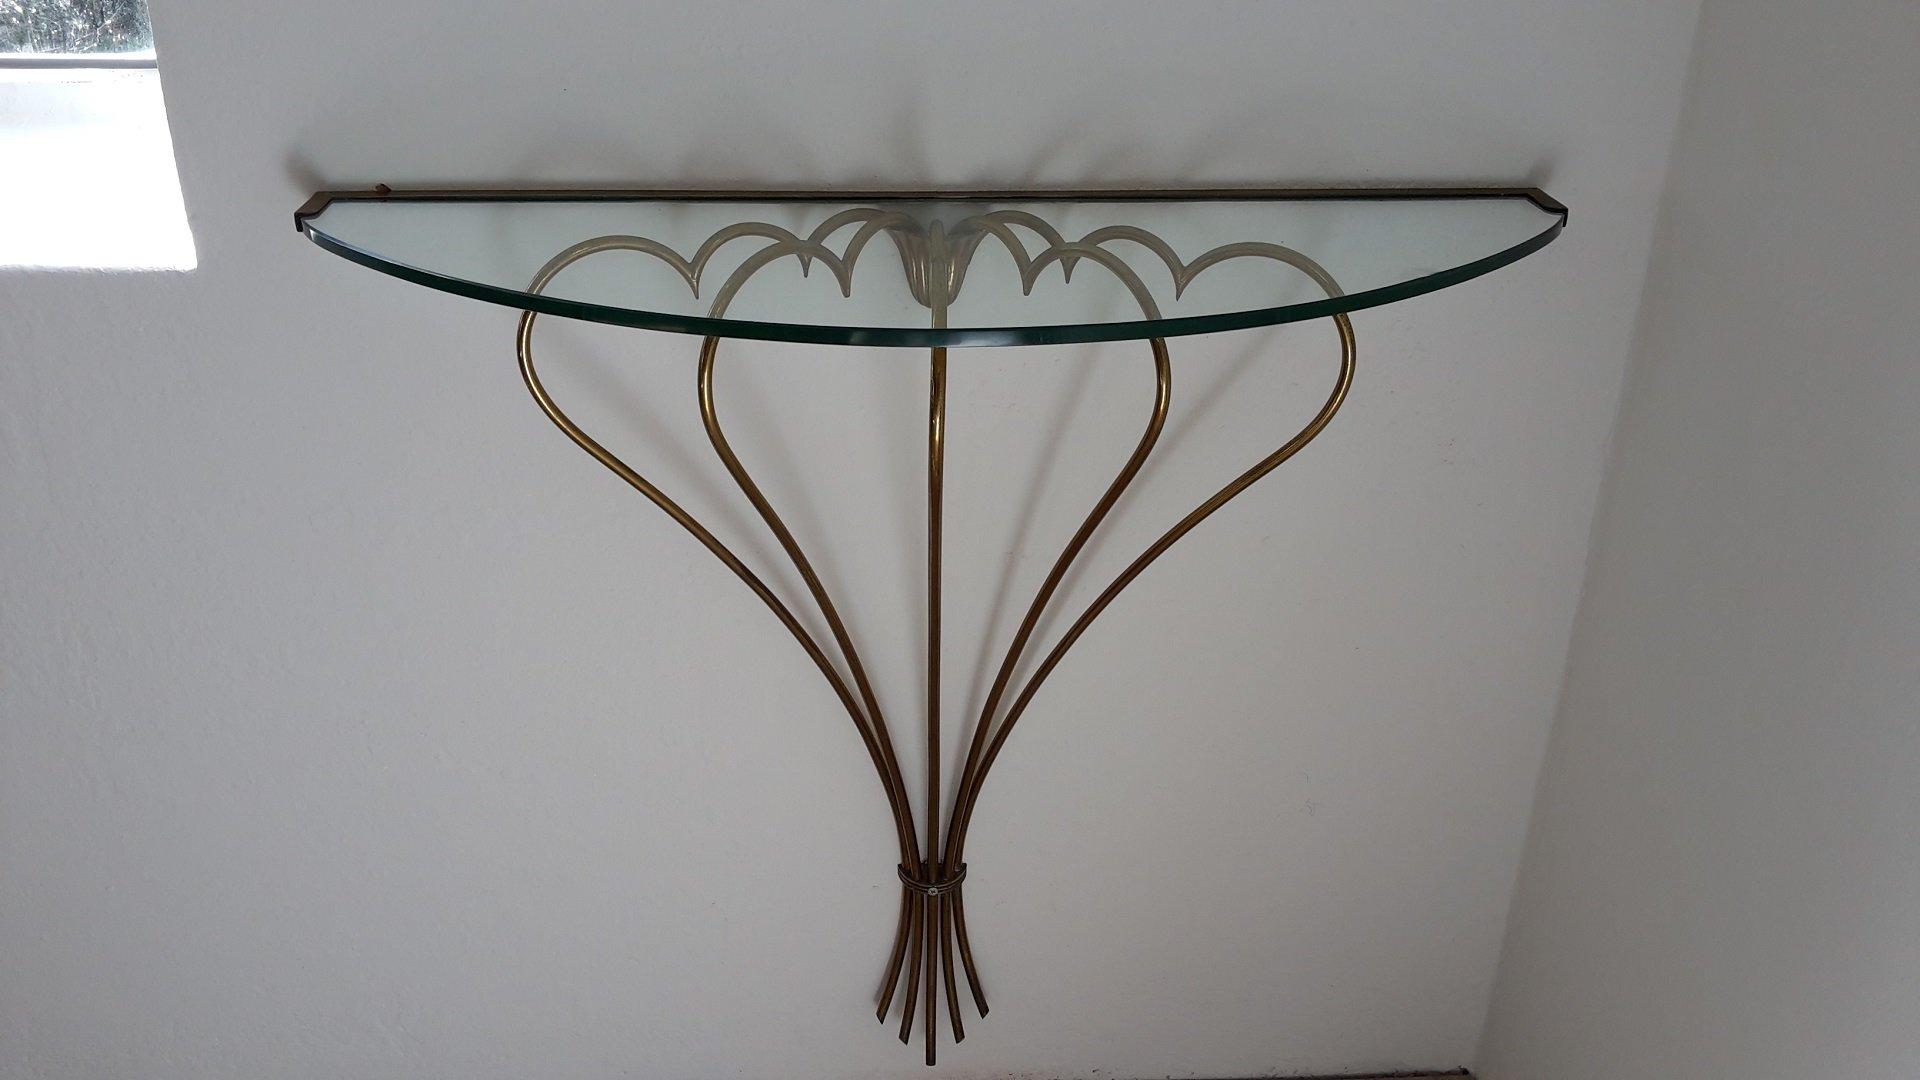 italienischer glas messing konsolentisch 1940er bei. Black Bedroom Furniture Sets. Home Design Ideas